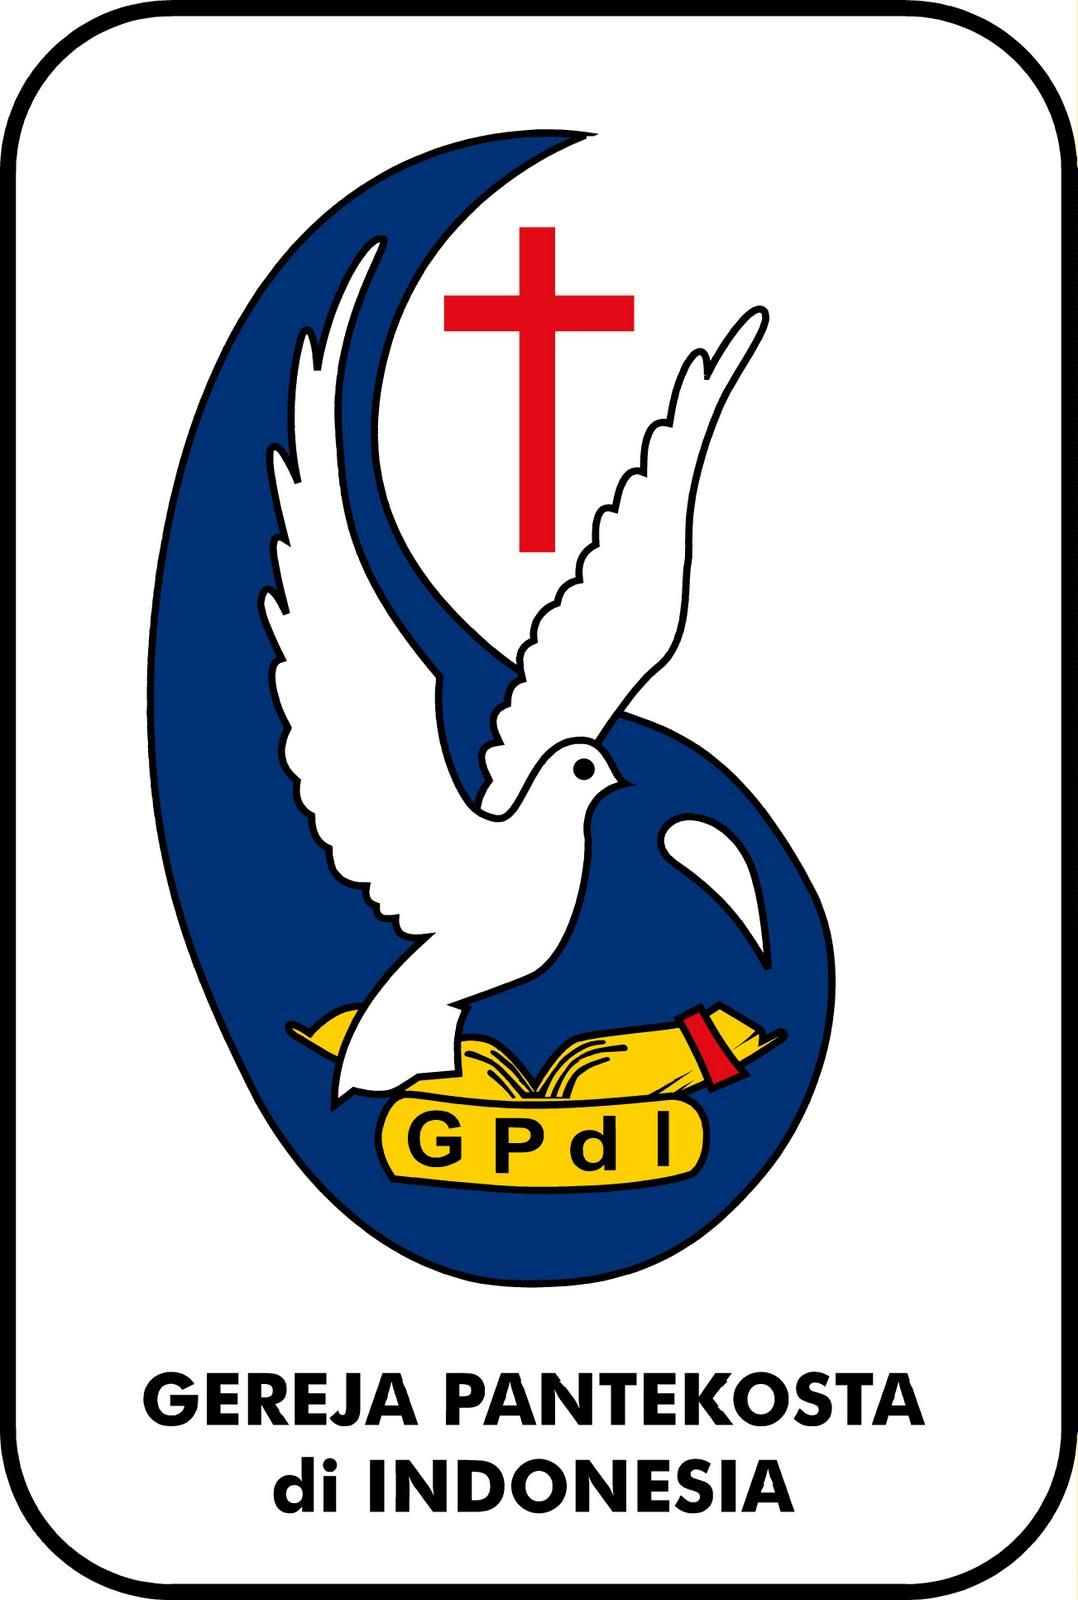 Logo Gpdi